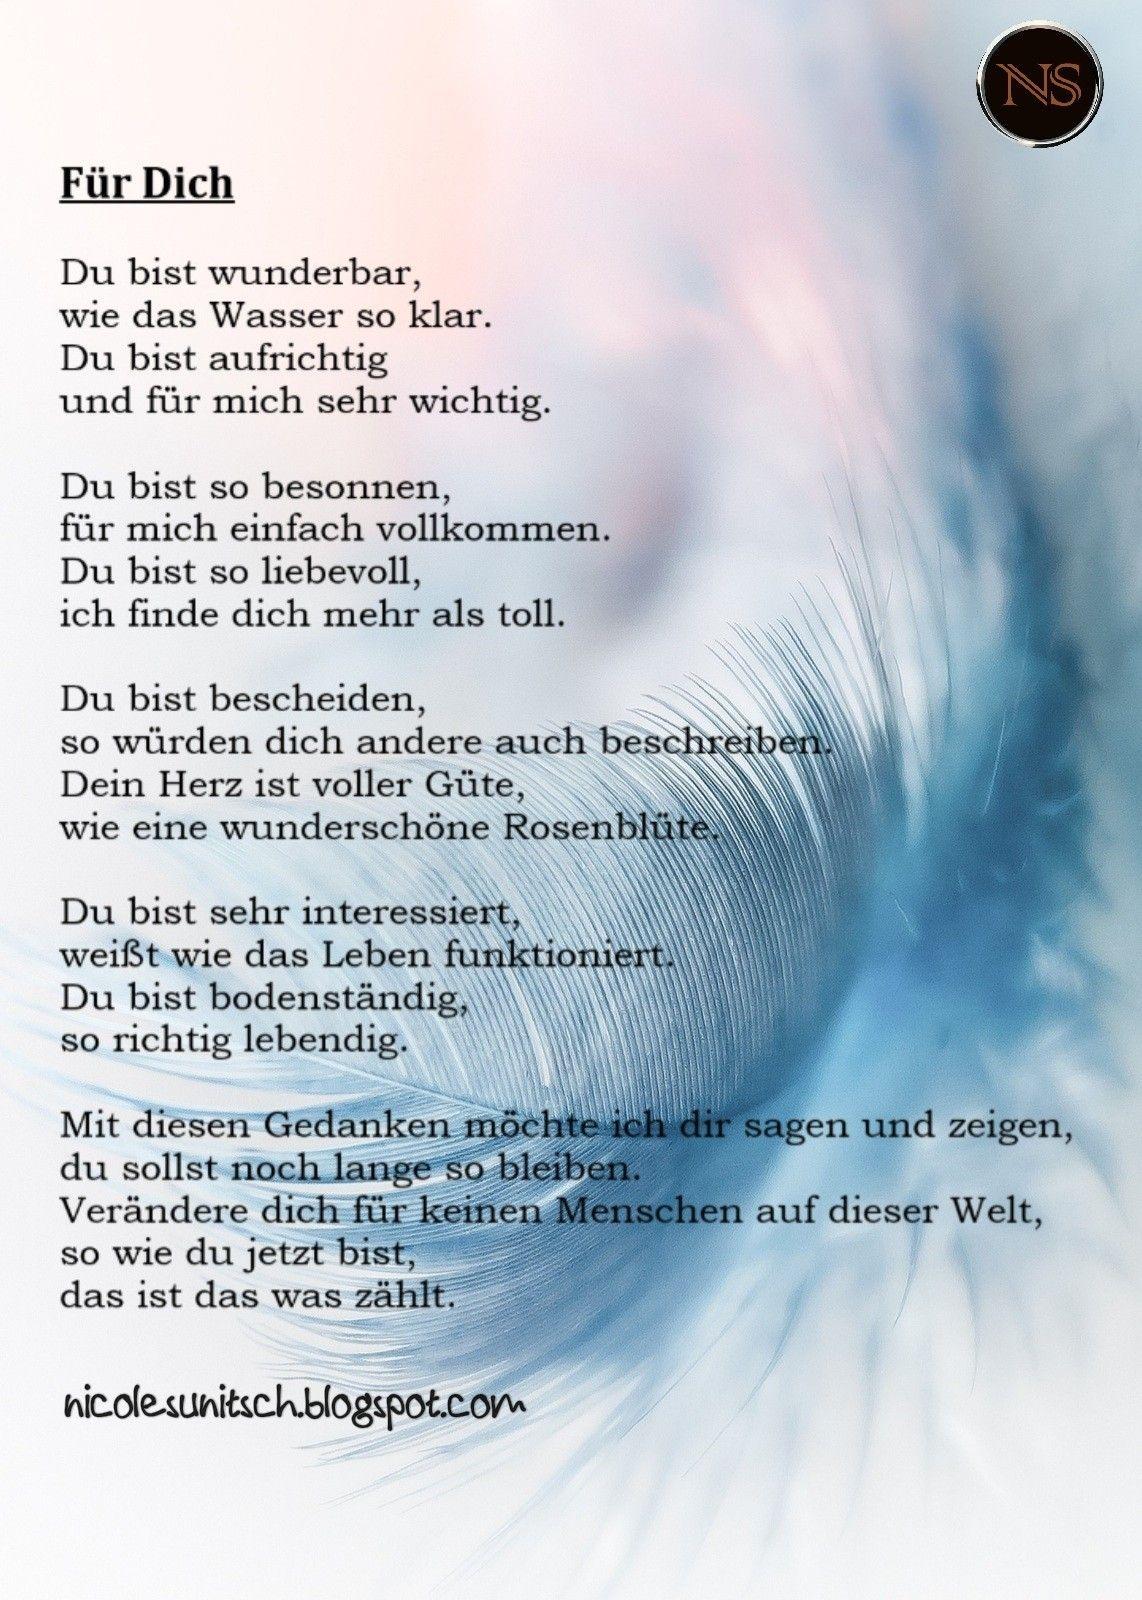 Pin von Gedichte - Nicole Sunitsch auf Gedichte für die